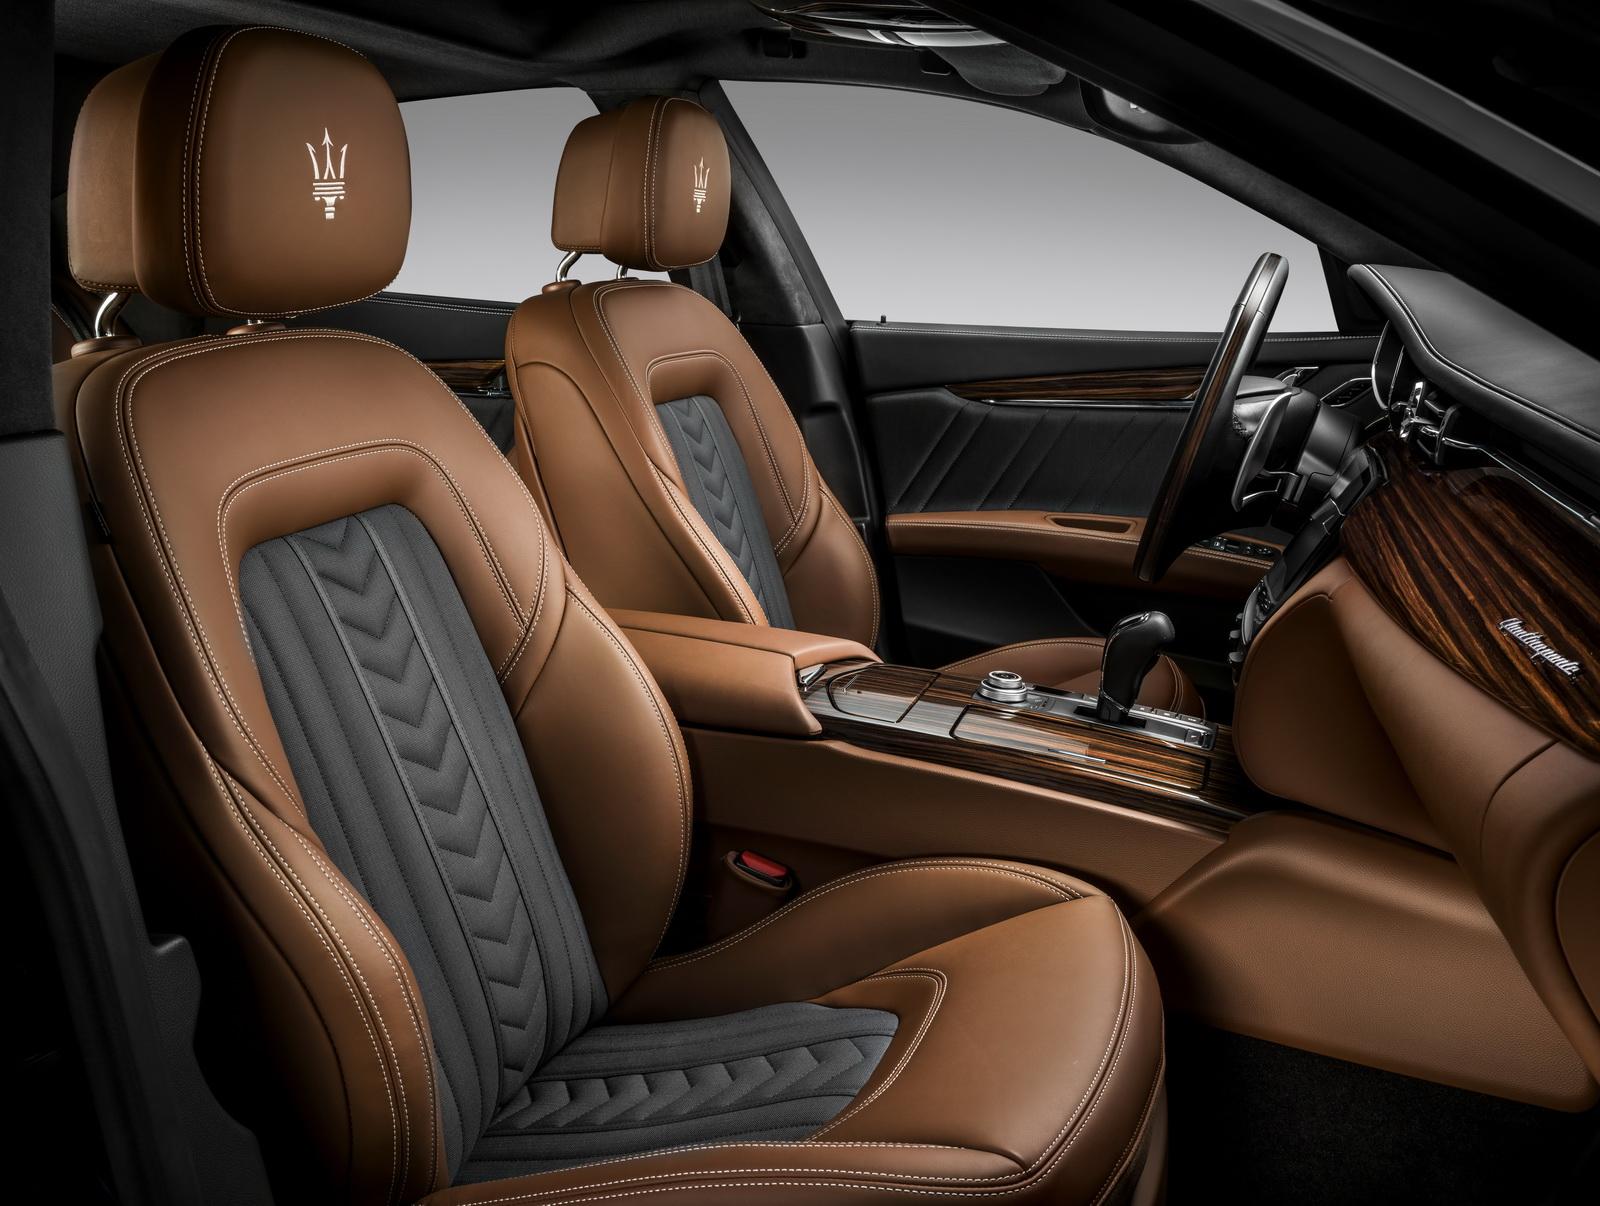 Maserati-Quattroporte-14-06-2016-8